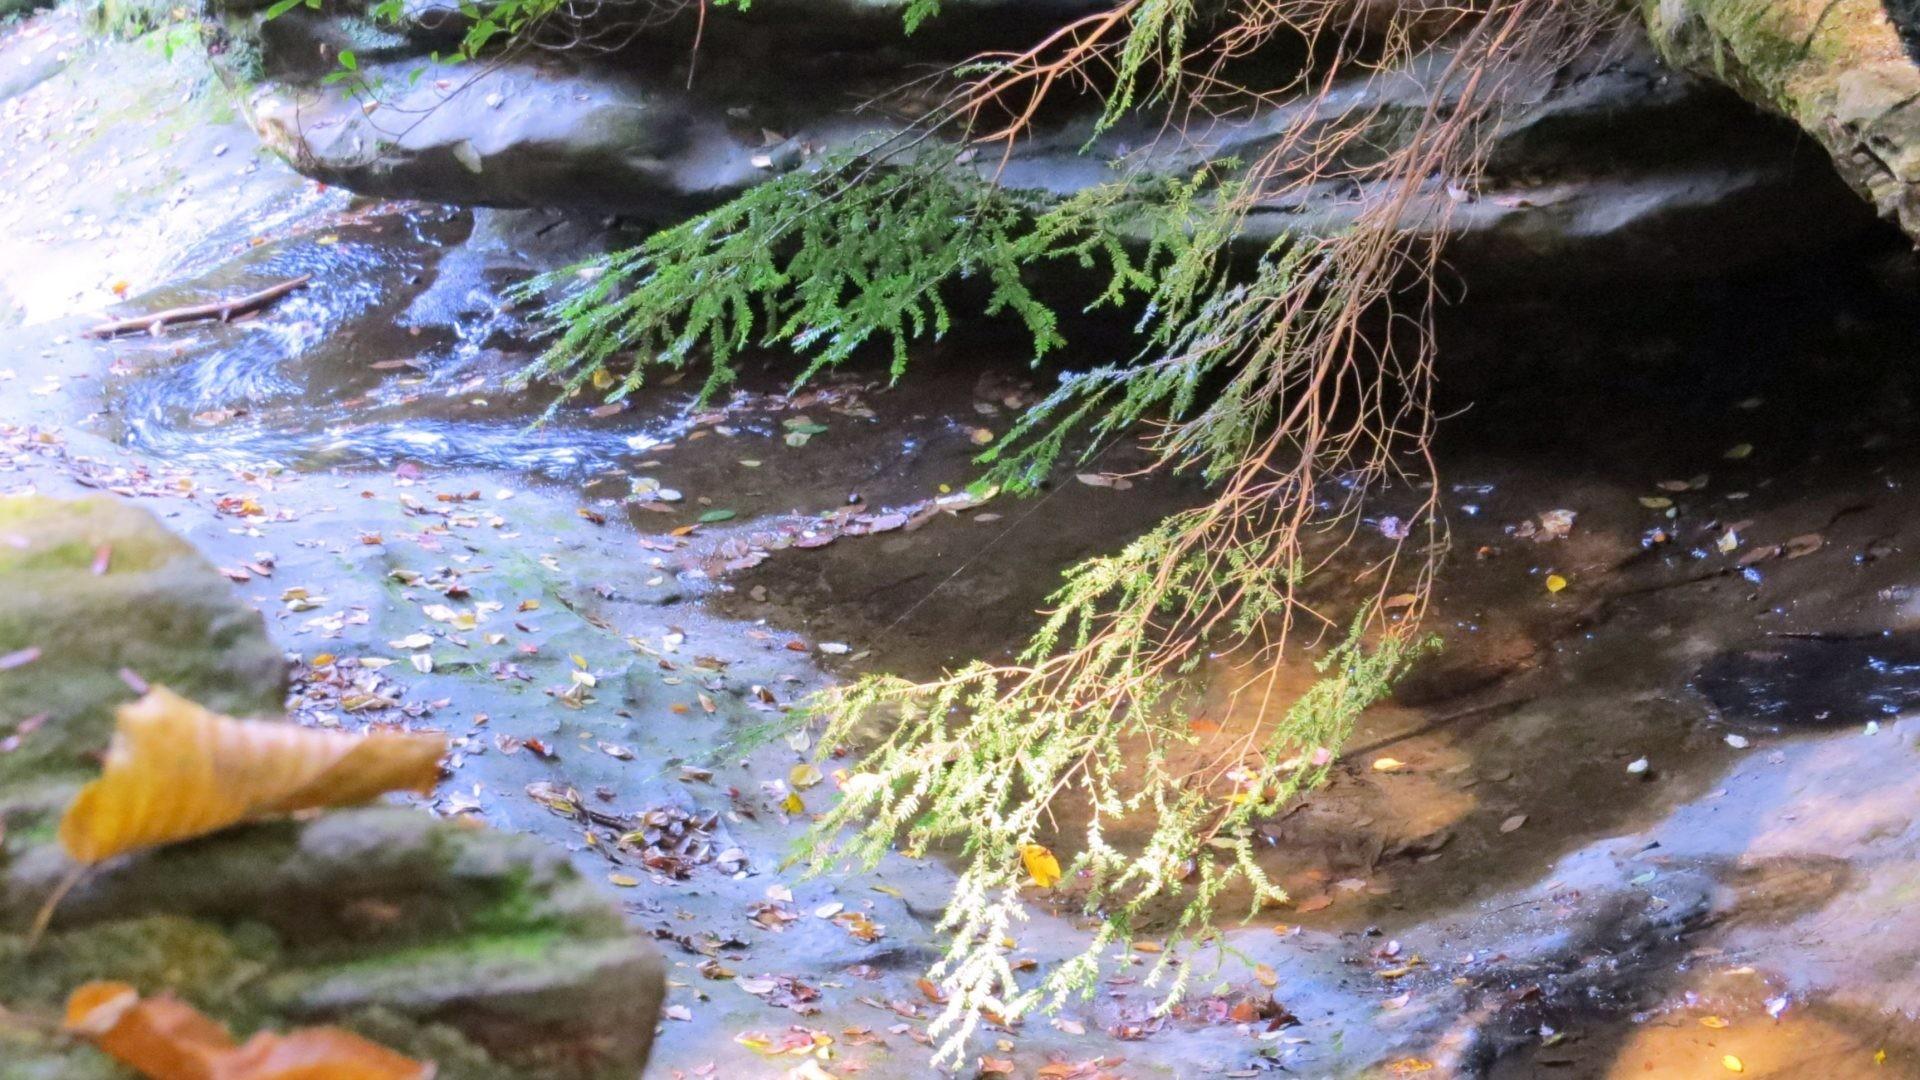 Floating Leaves HD desktop wallpaper Fullscreen Mobile